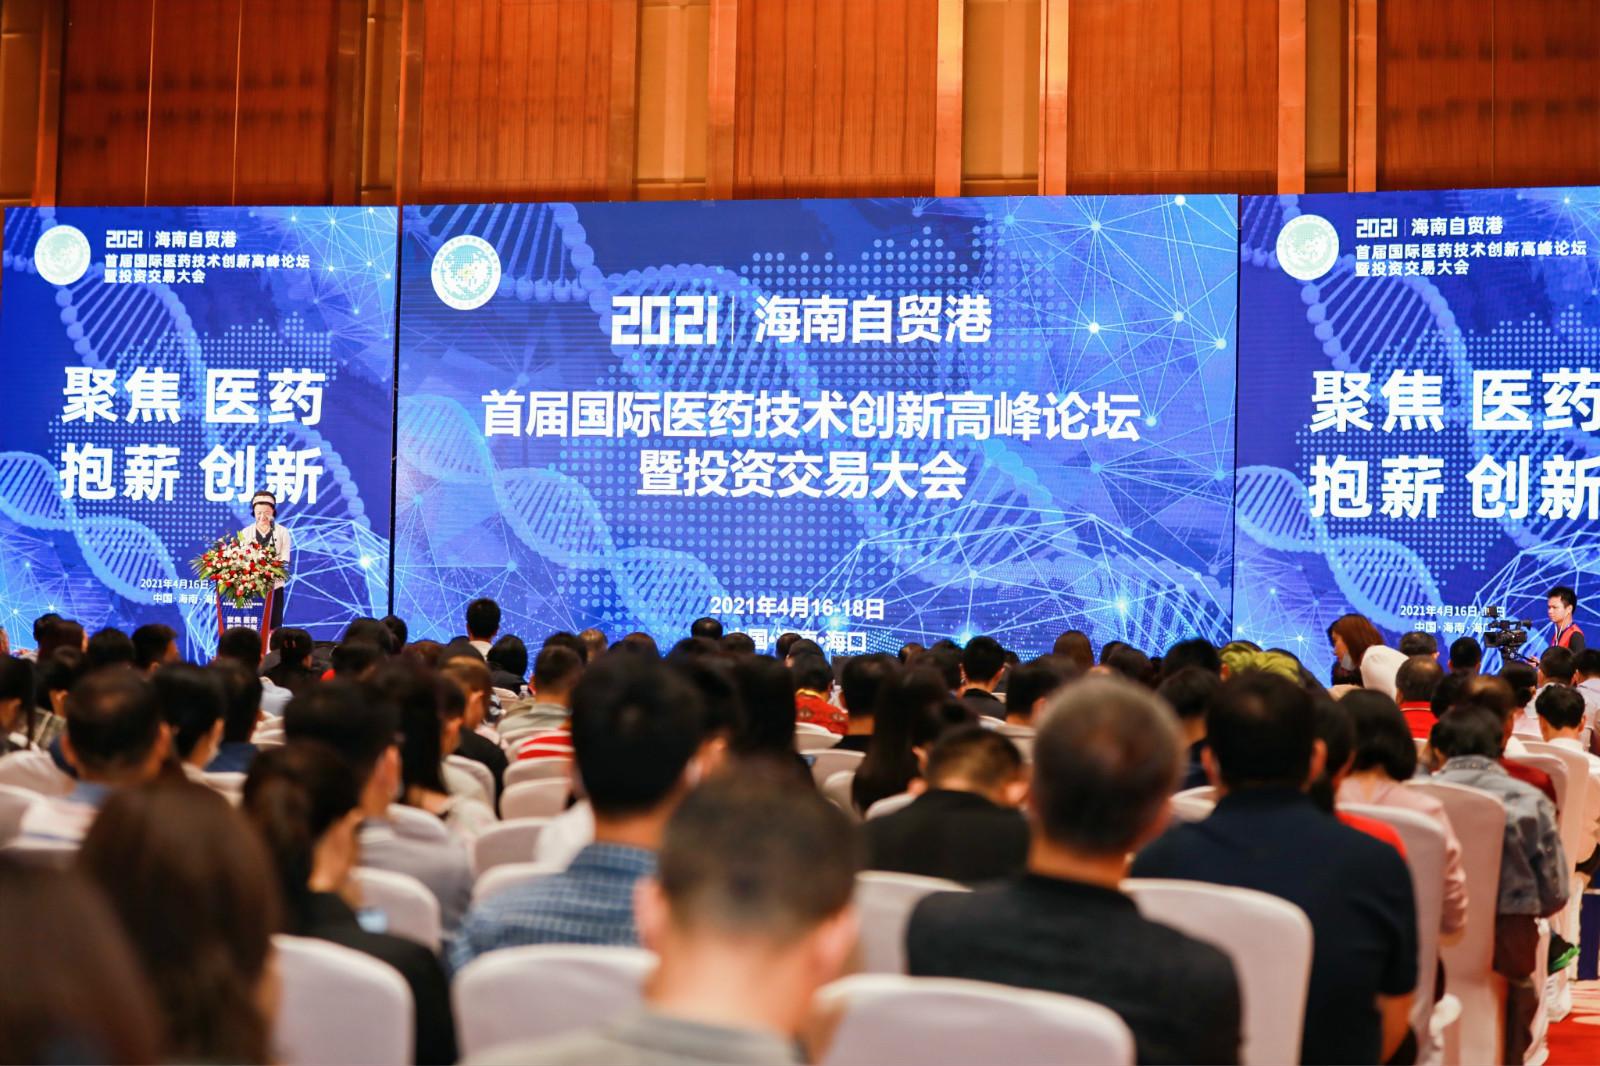 海南自贸港首届国际医药技术创新高峰论坛暨投资交易大会在海口举行